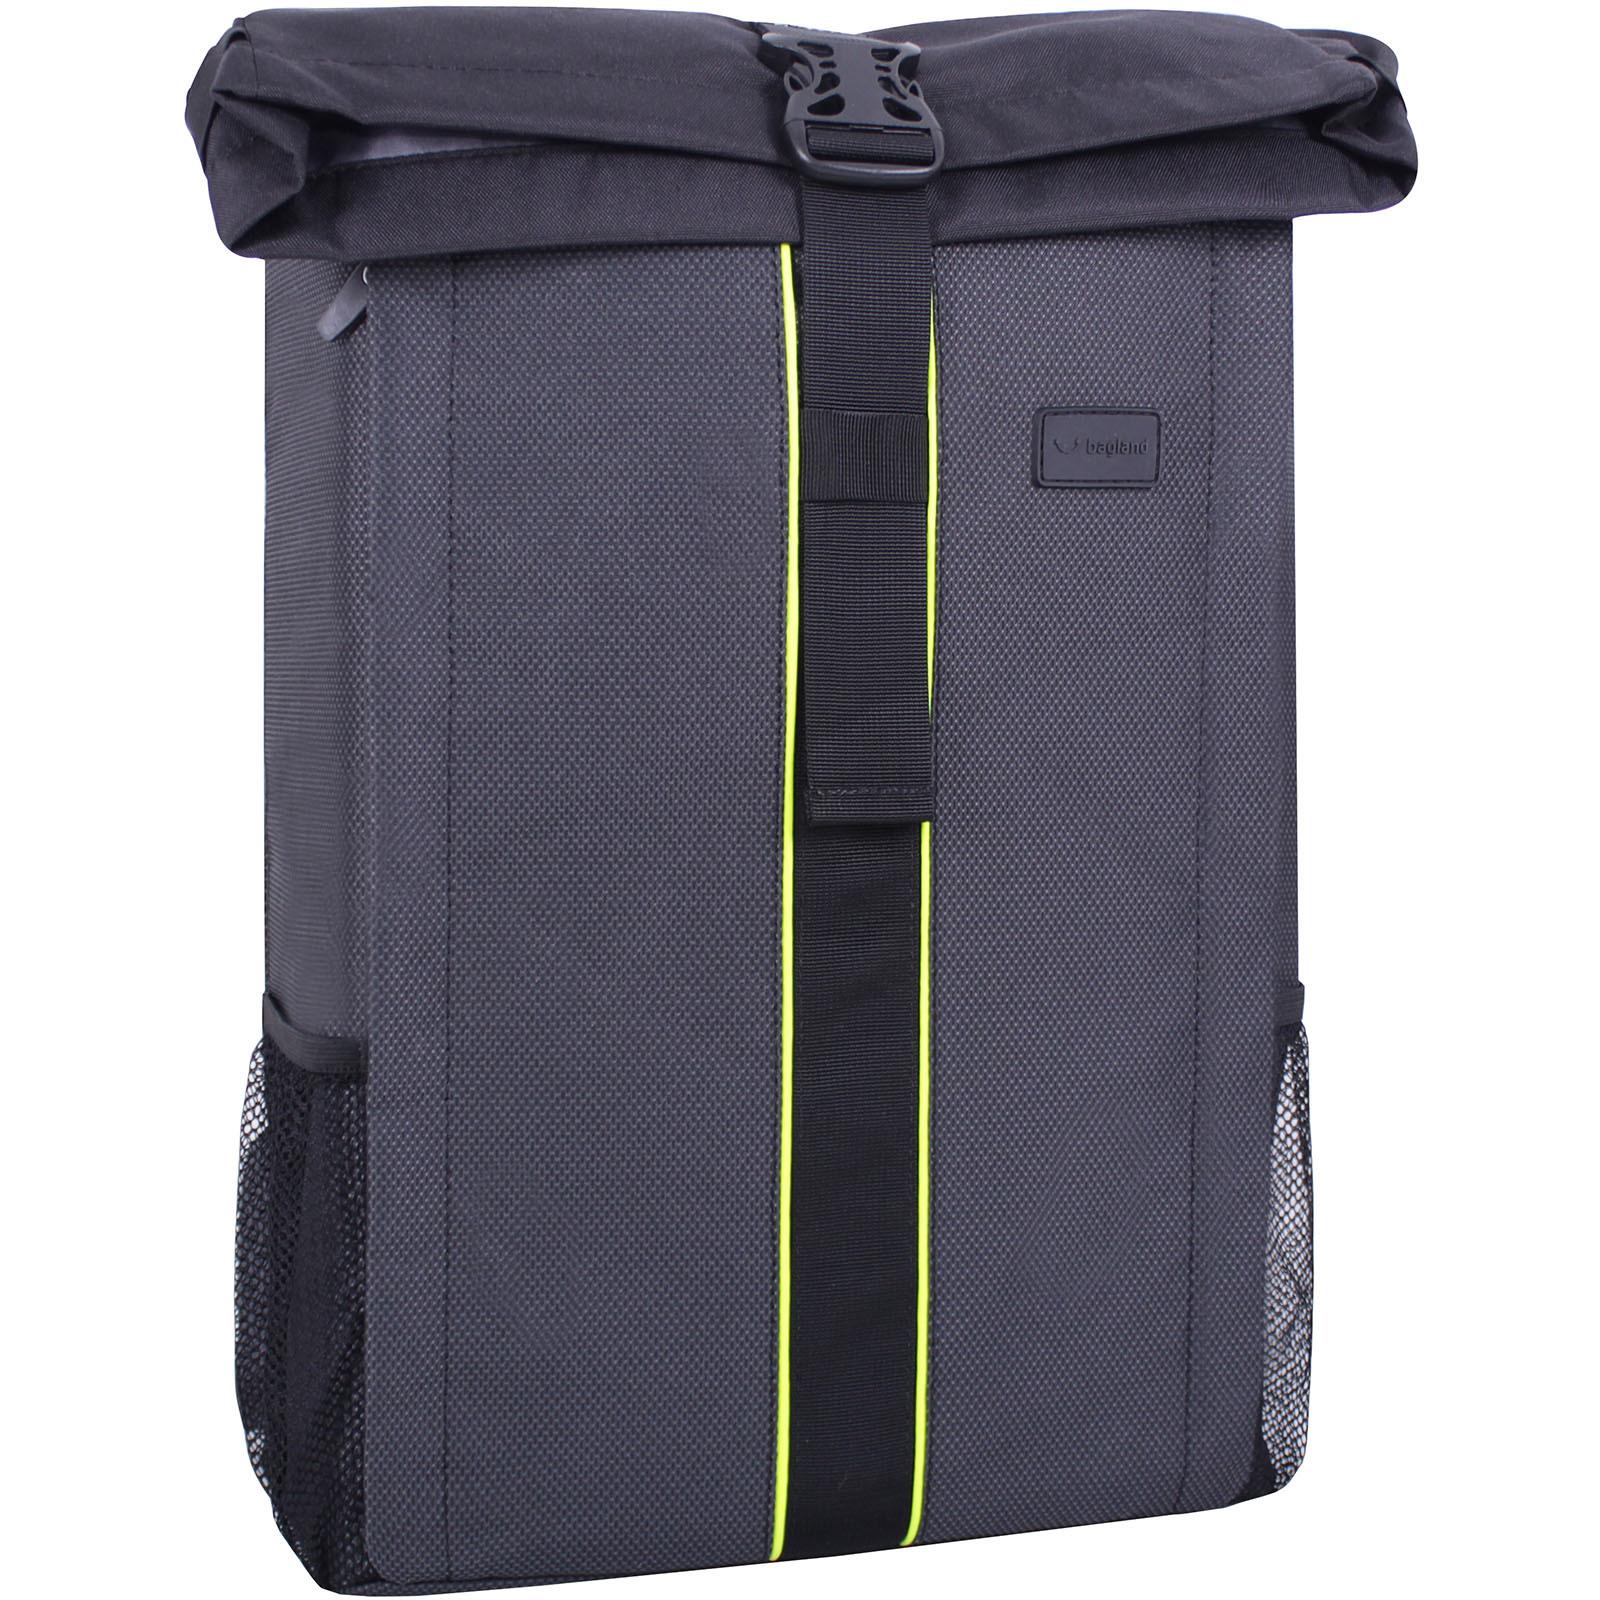 Рюкзак для ноутбука Bagland Roll 21 л. Чёрный (00156169) фото 1